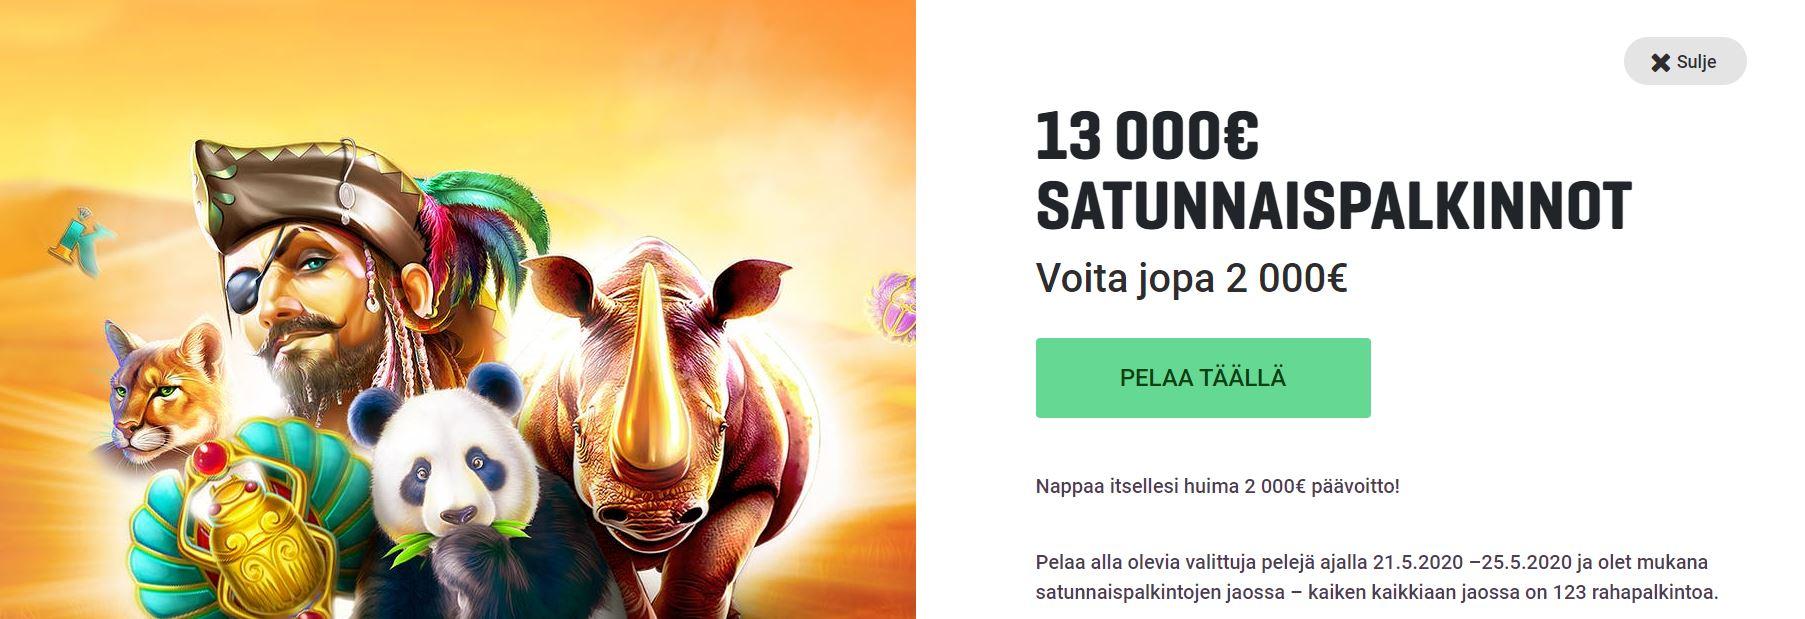 13 000 euroa - Gutsilla